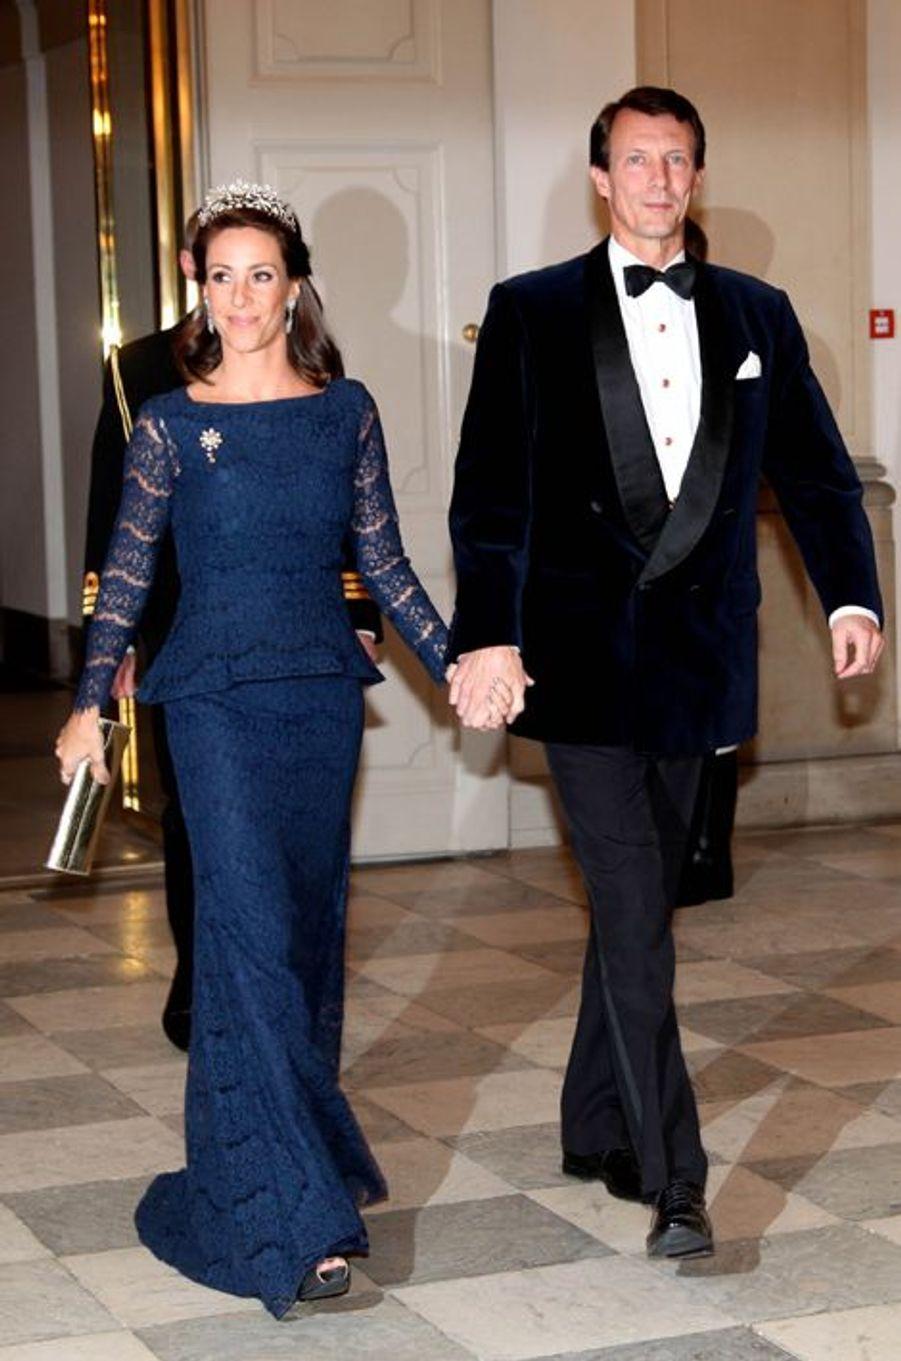 La princesse Marie et le prince Joachim de Danemark au château de Christiansborg à Copenhague, le 15 mars 2016